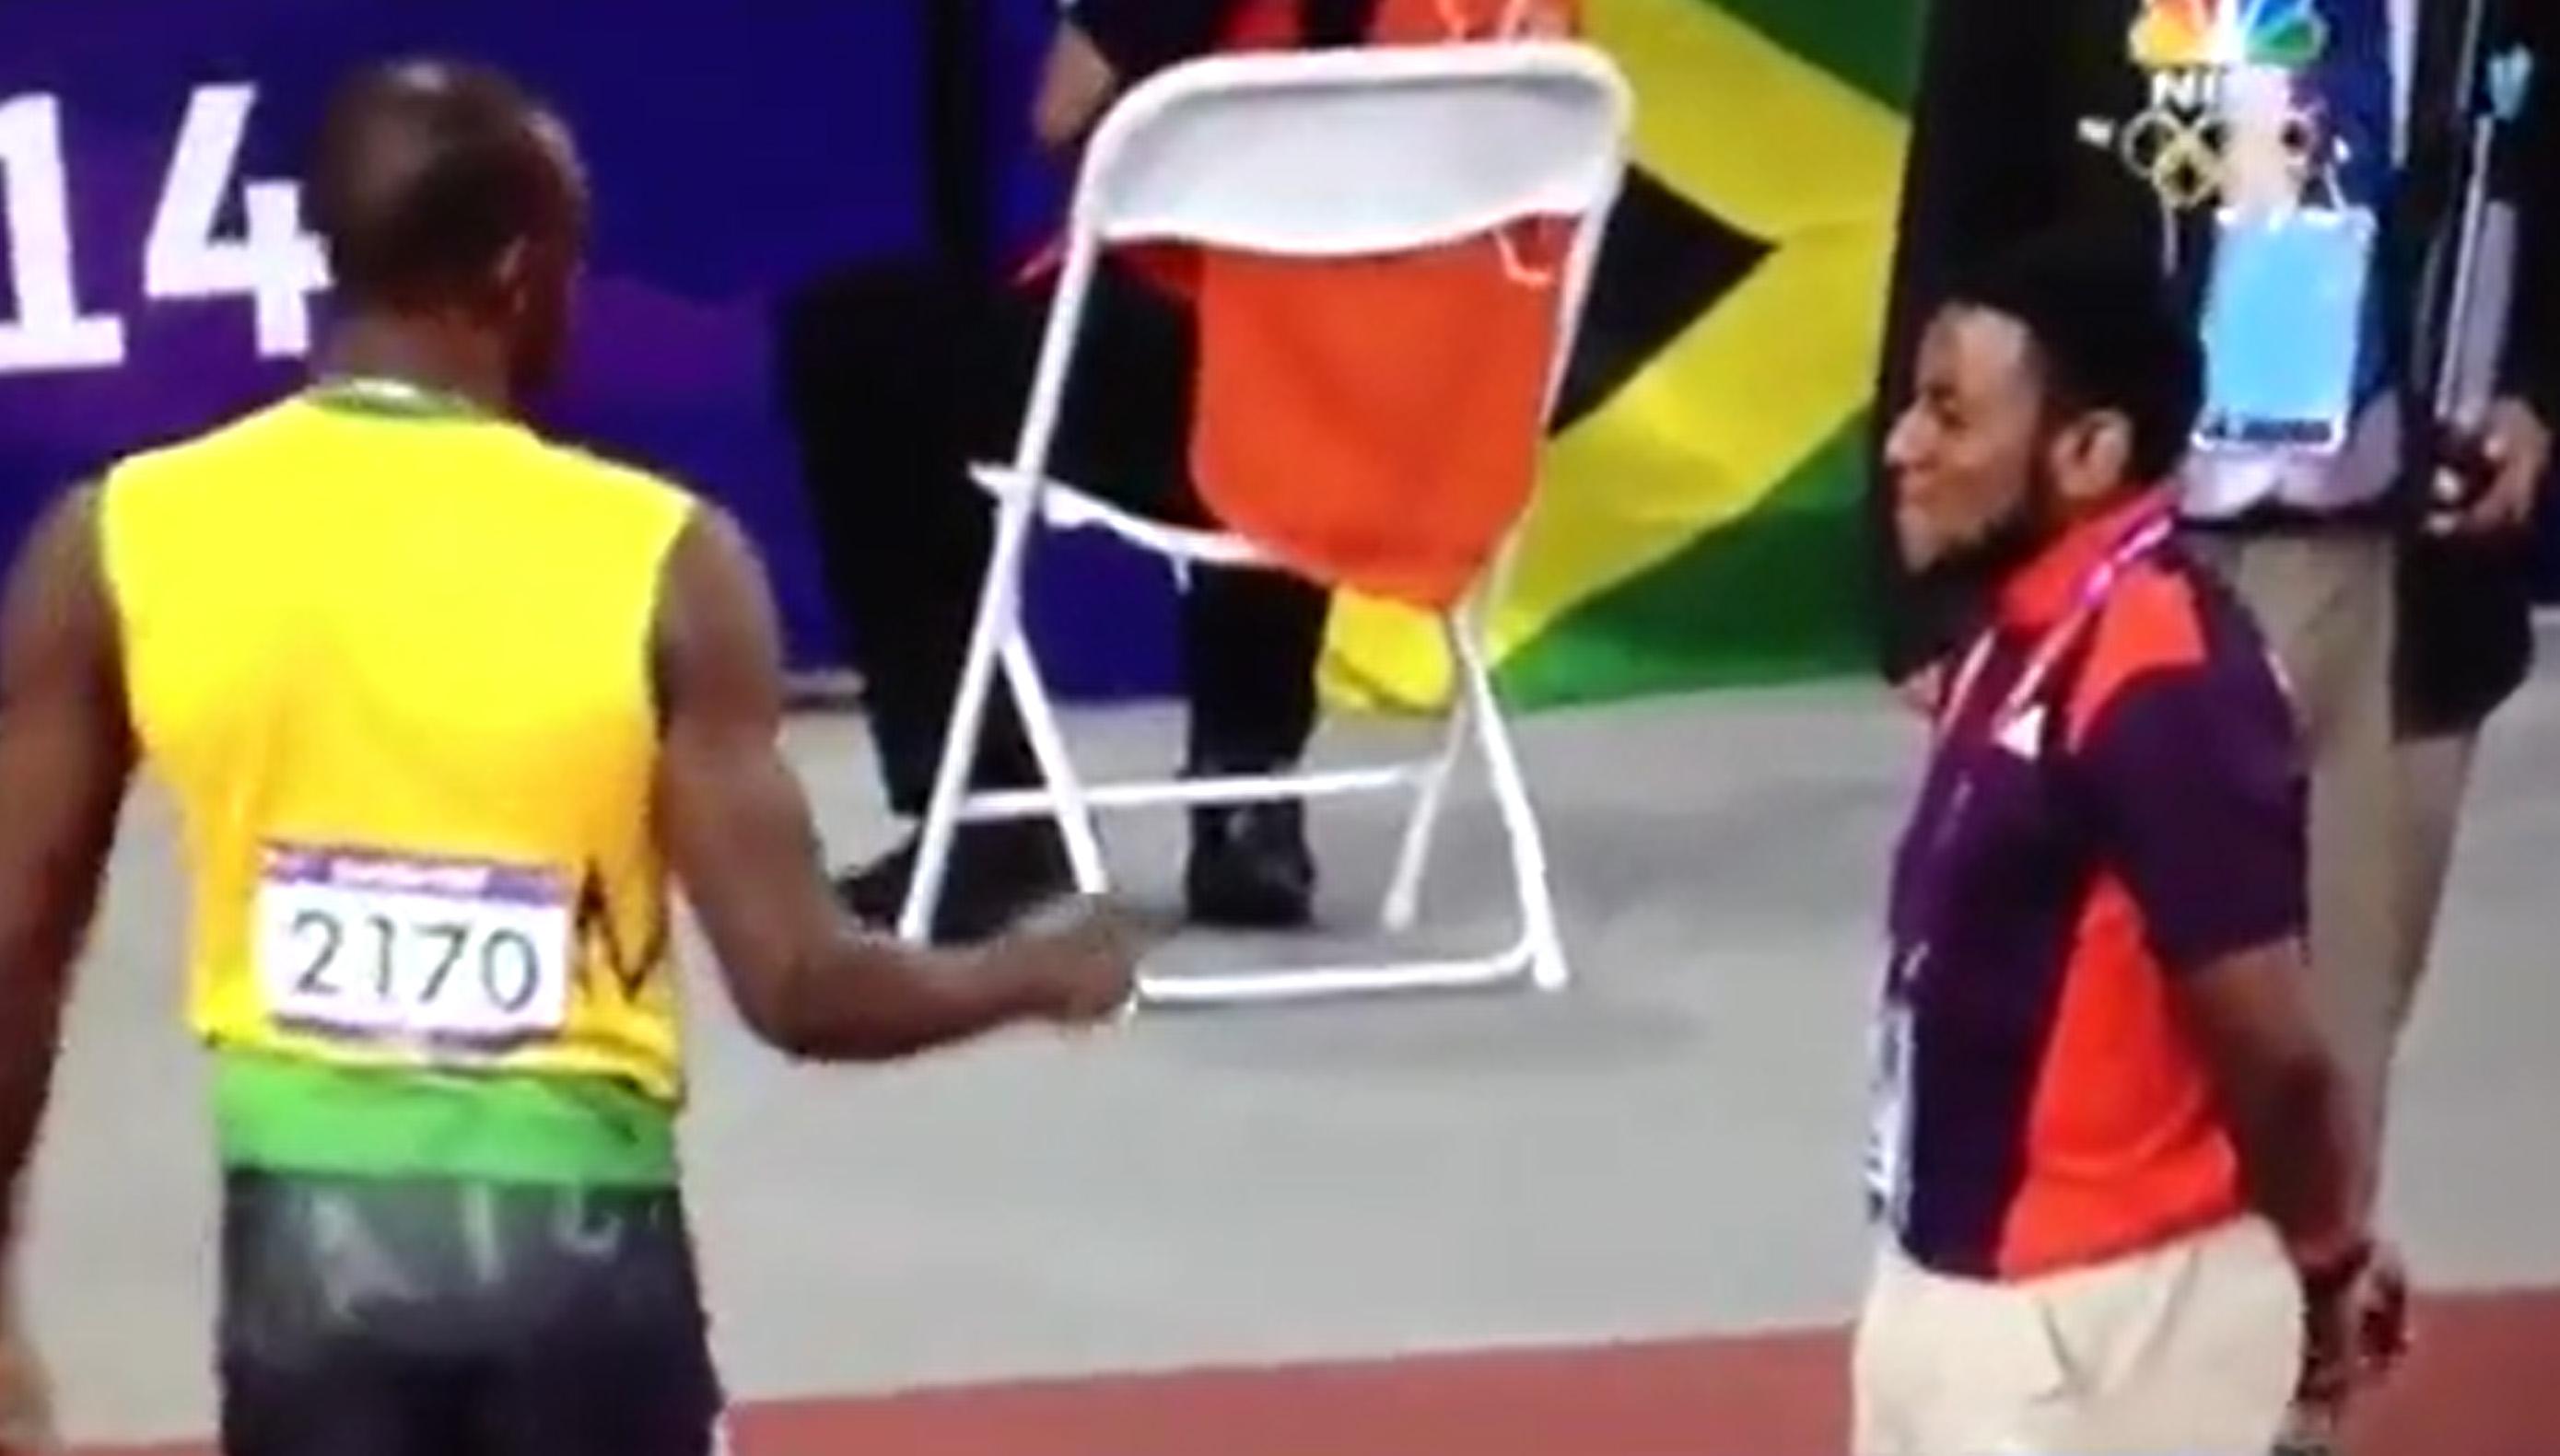 Usain Bolt fist bump 2016 Rio Olympics